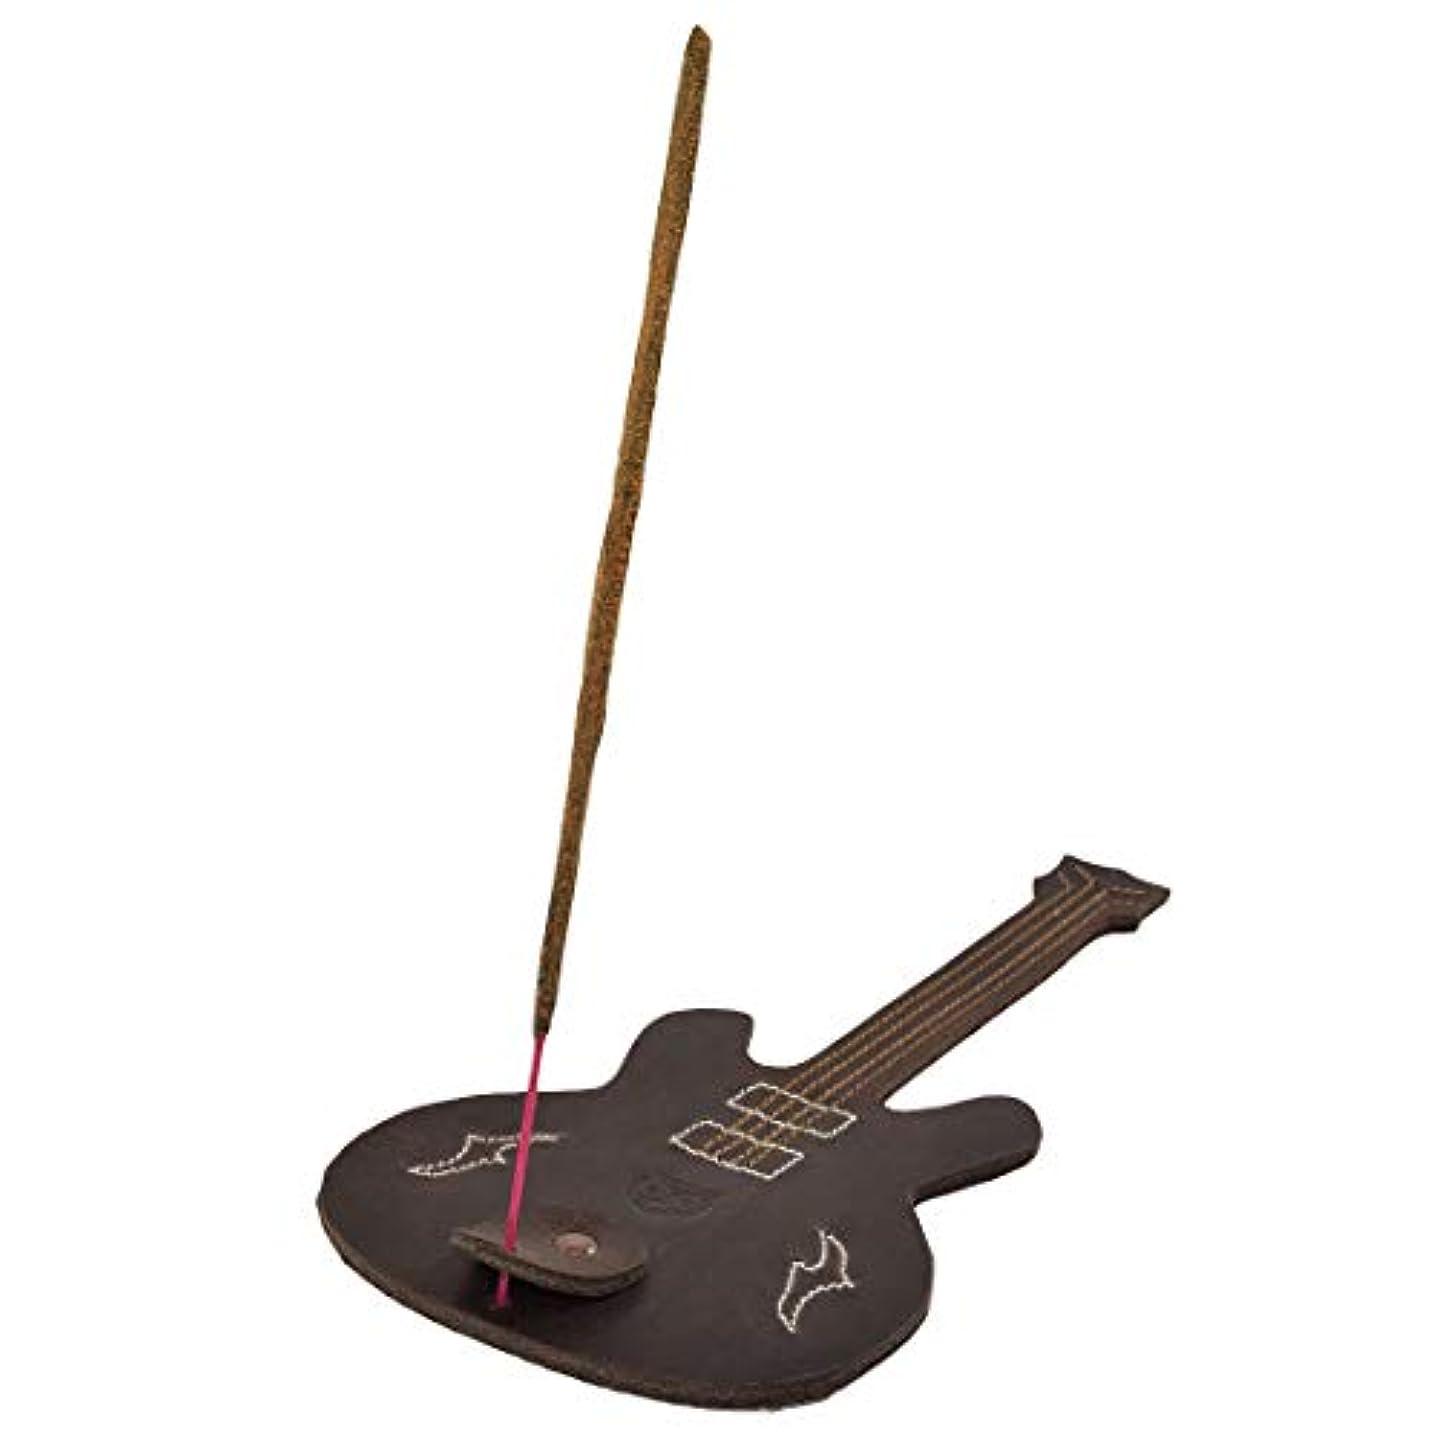 リラックスハイブリッド準備ができてHide & Drink厚レザーギター形状Incense Burnerスティックホルダーwith Ashキャッチャー手作りでBourbonブラウン